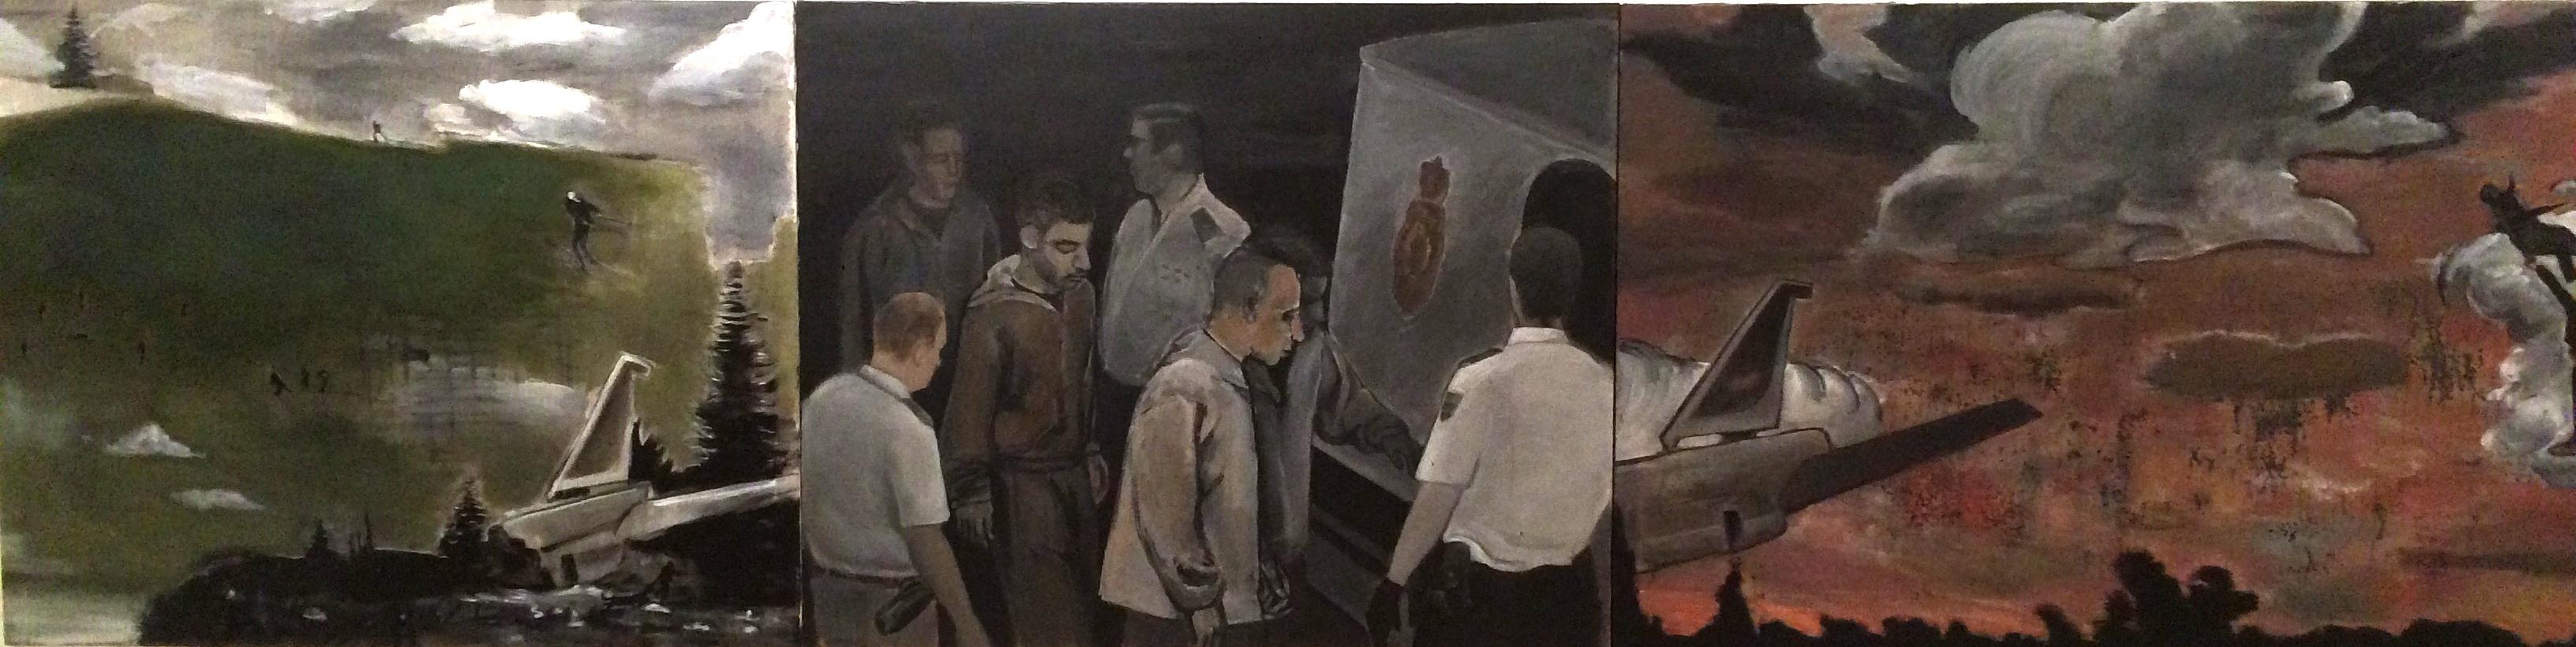 Desanudarse el cielo (Díptico) (2013) - Rafael Alvarado